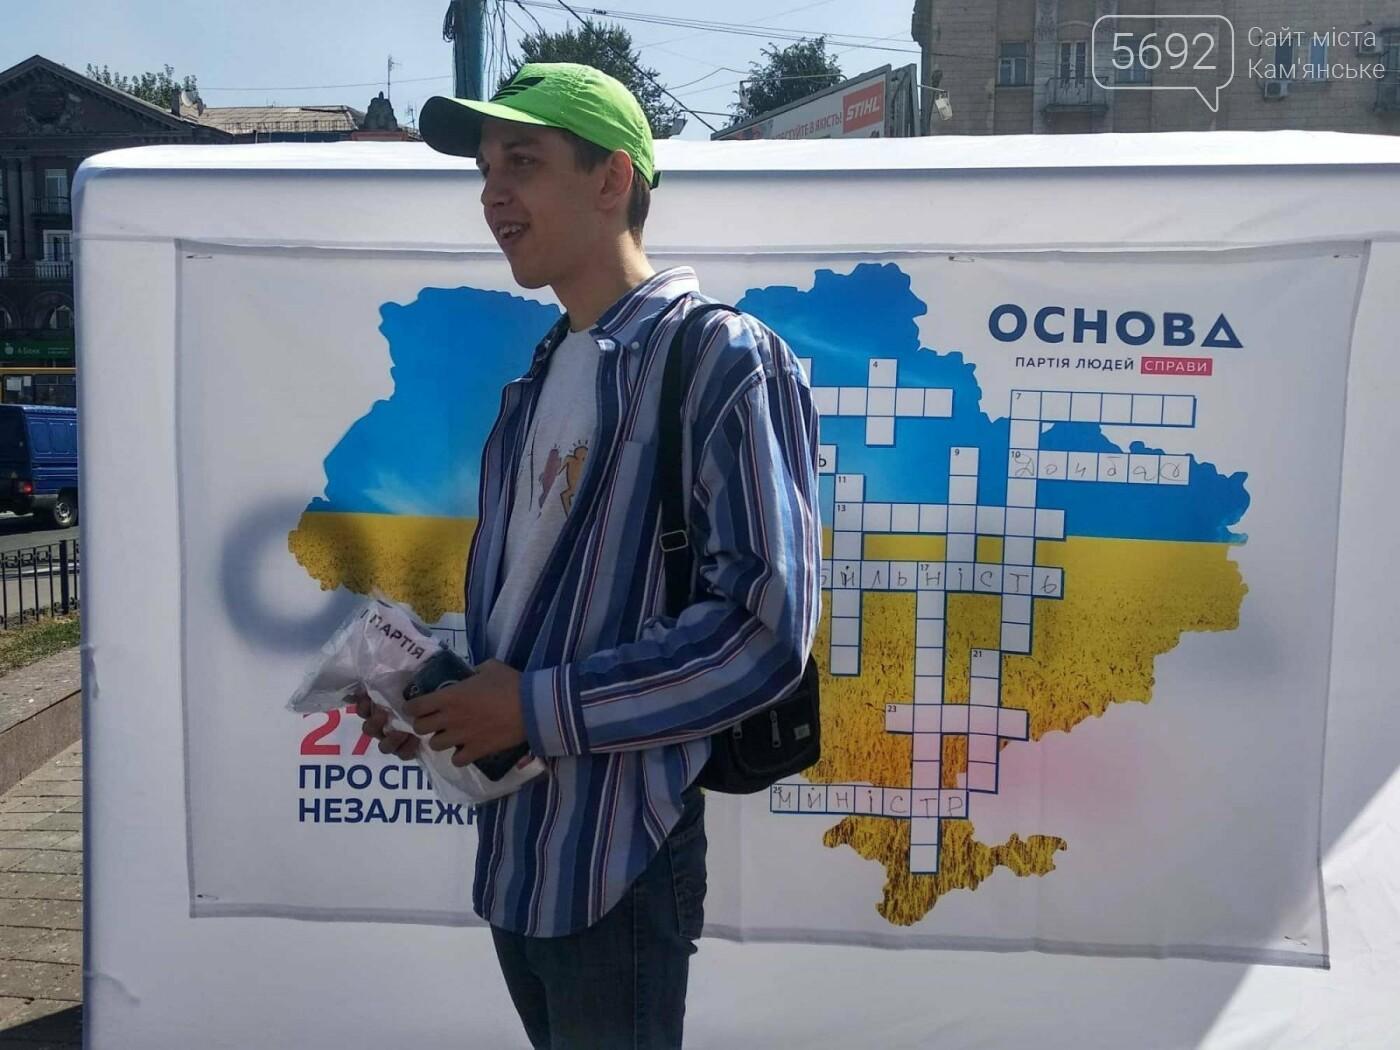 """Олег Мороз: """"Надеюсь, что вскоре мы все заживем без войны"""", фото-3"""